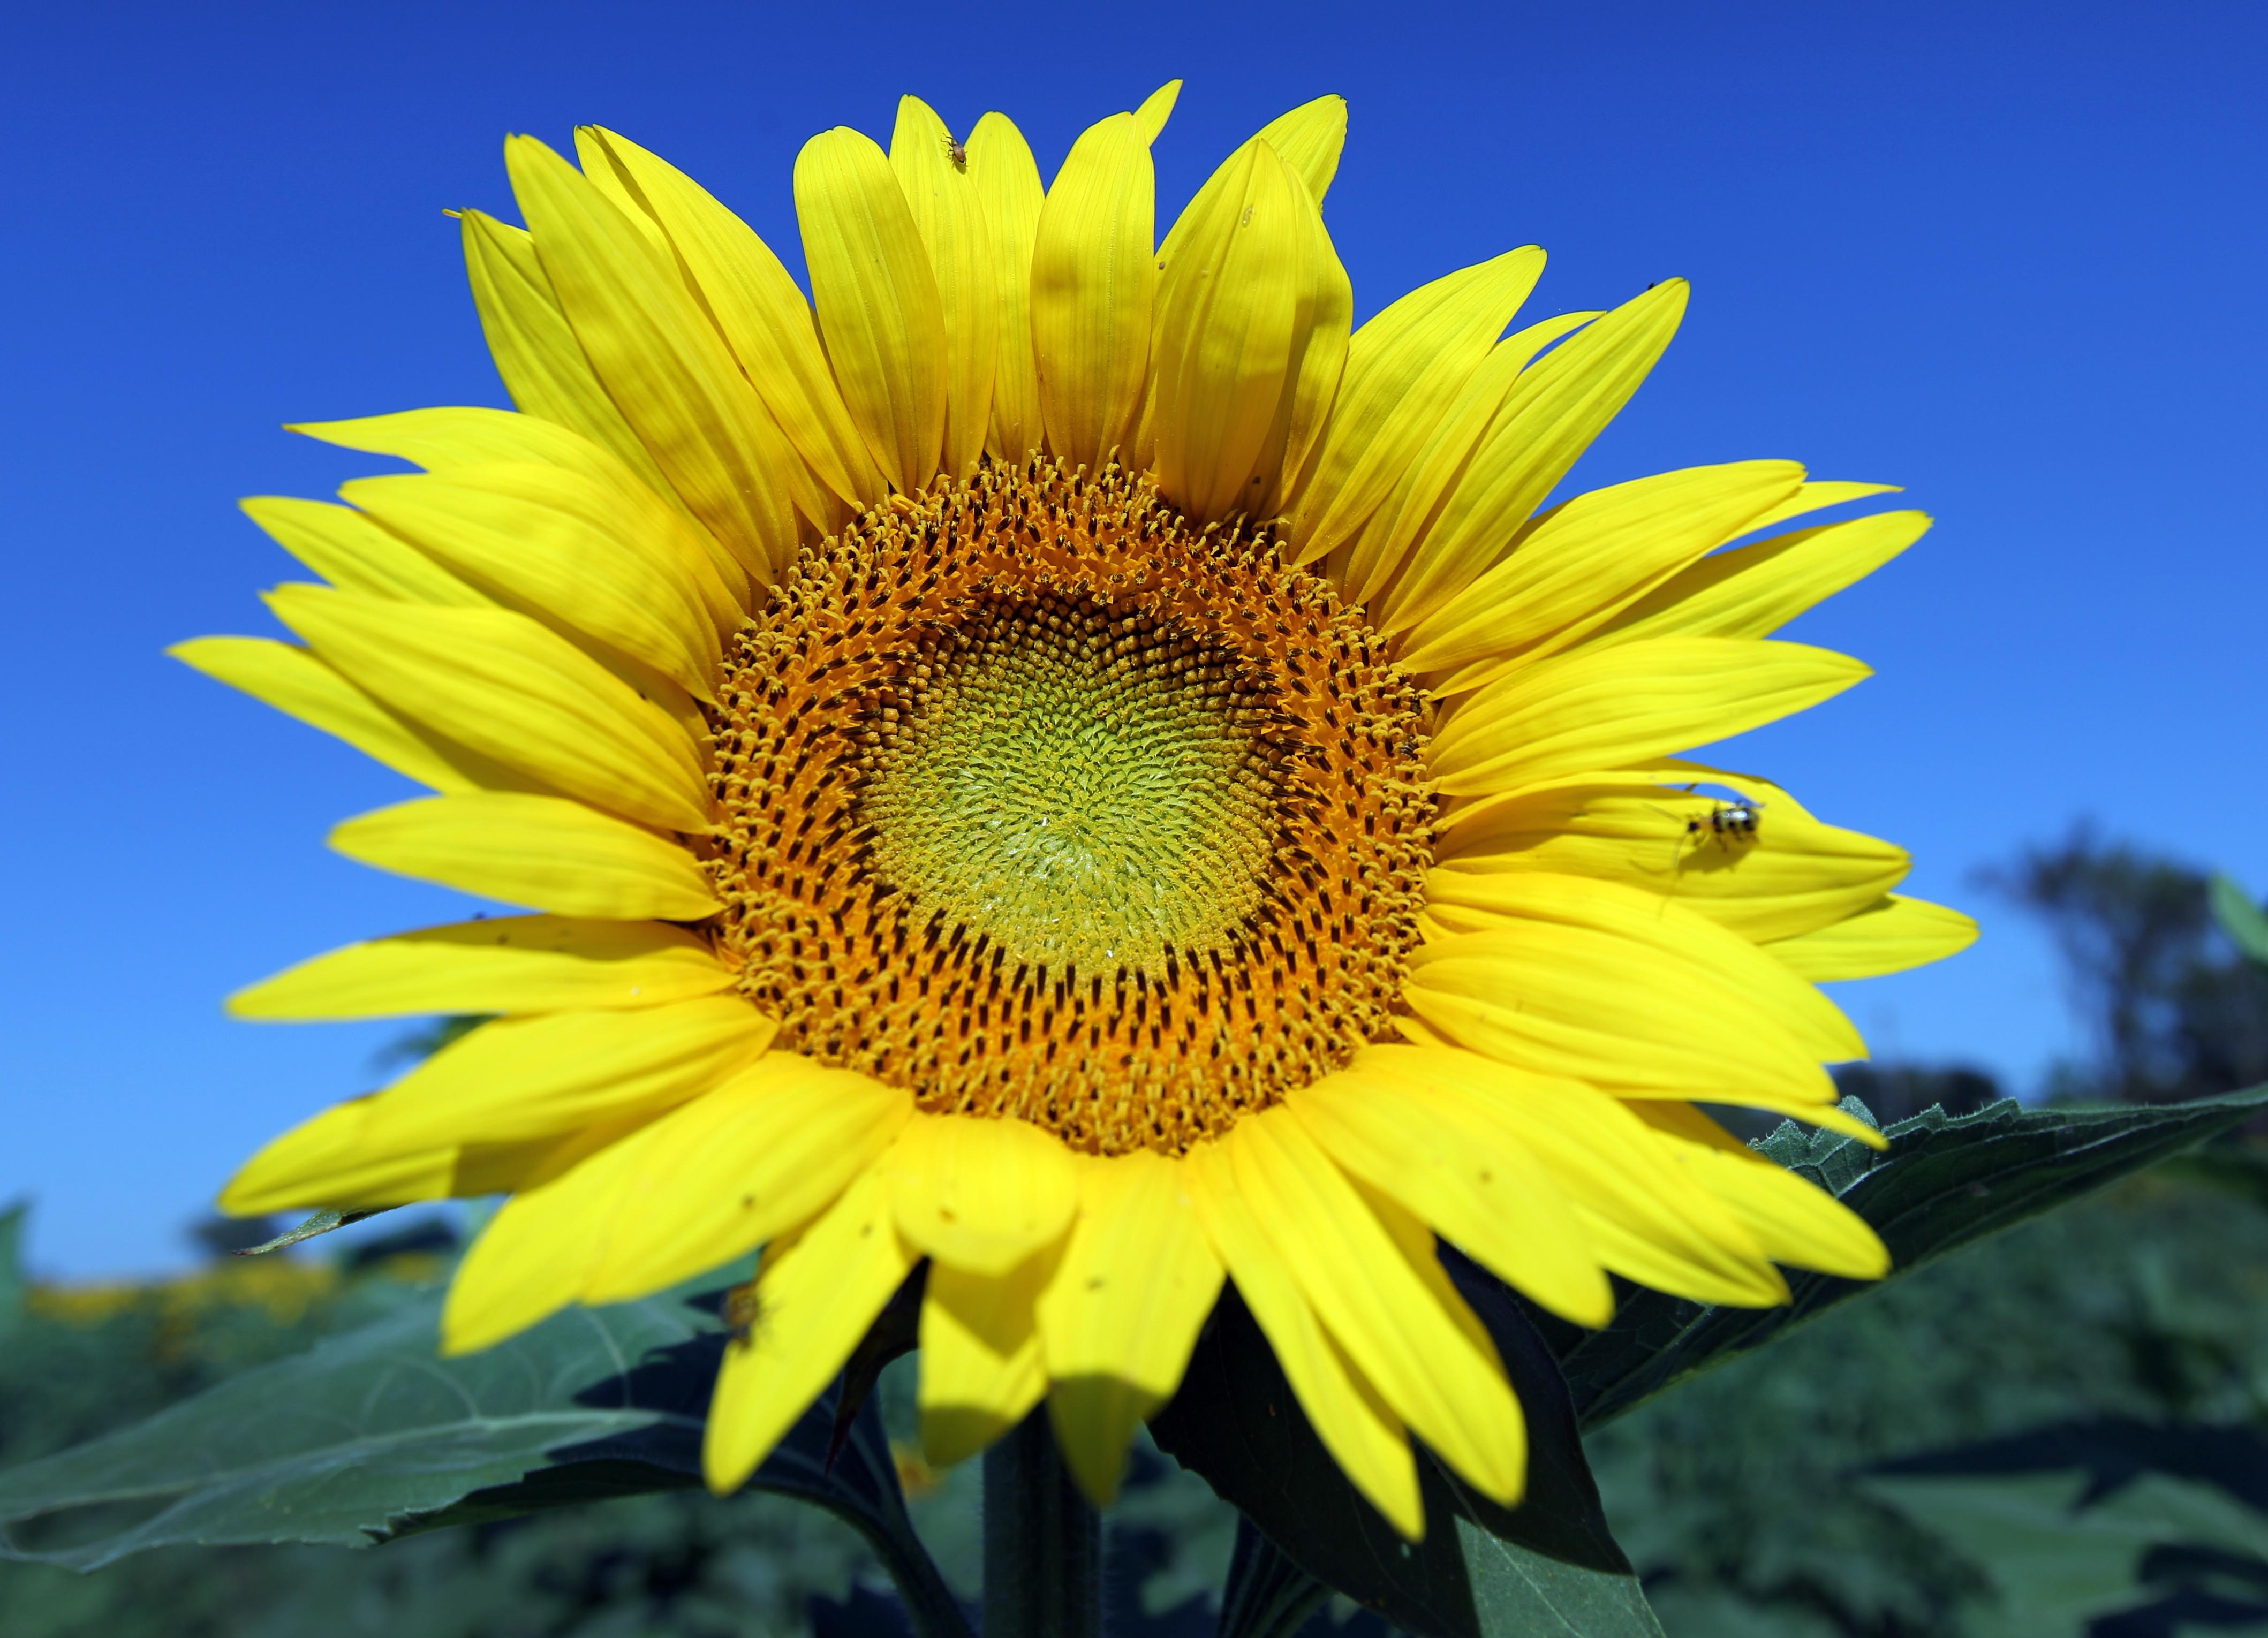 4236 x 3060 jpeg 6155kBSunflower